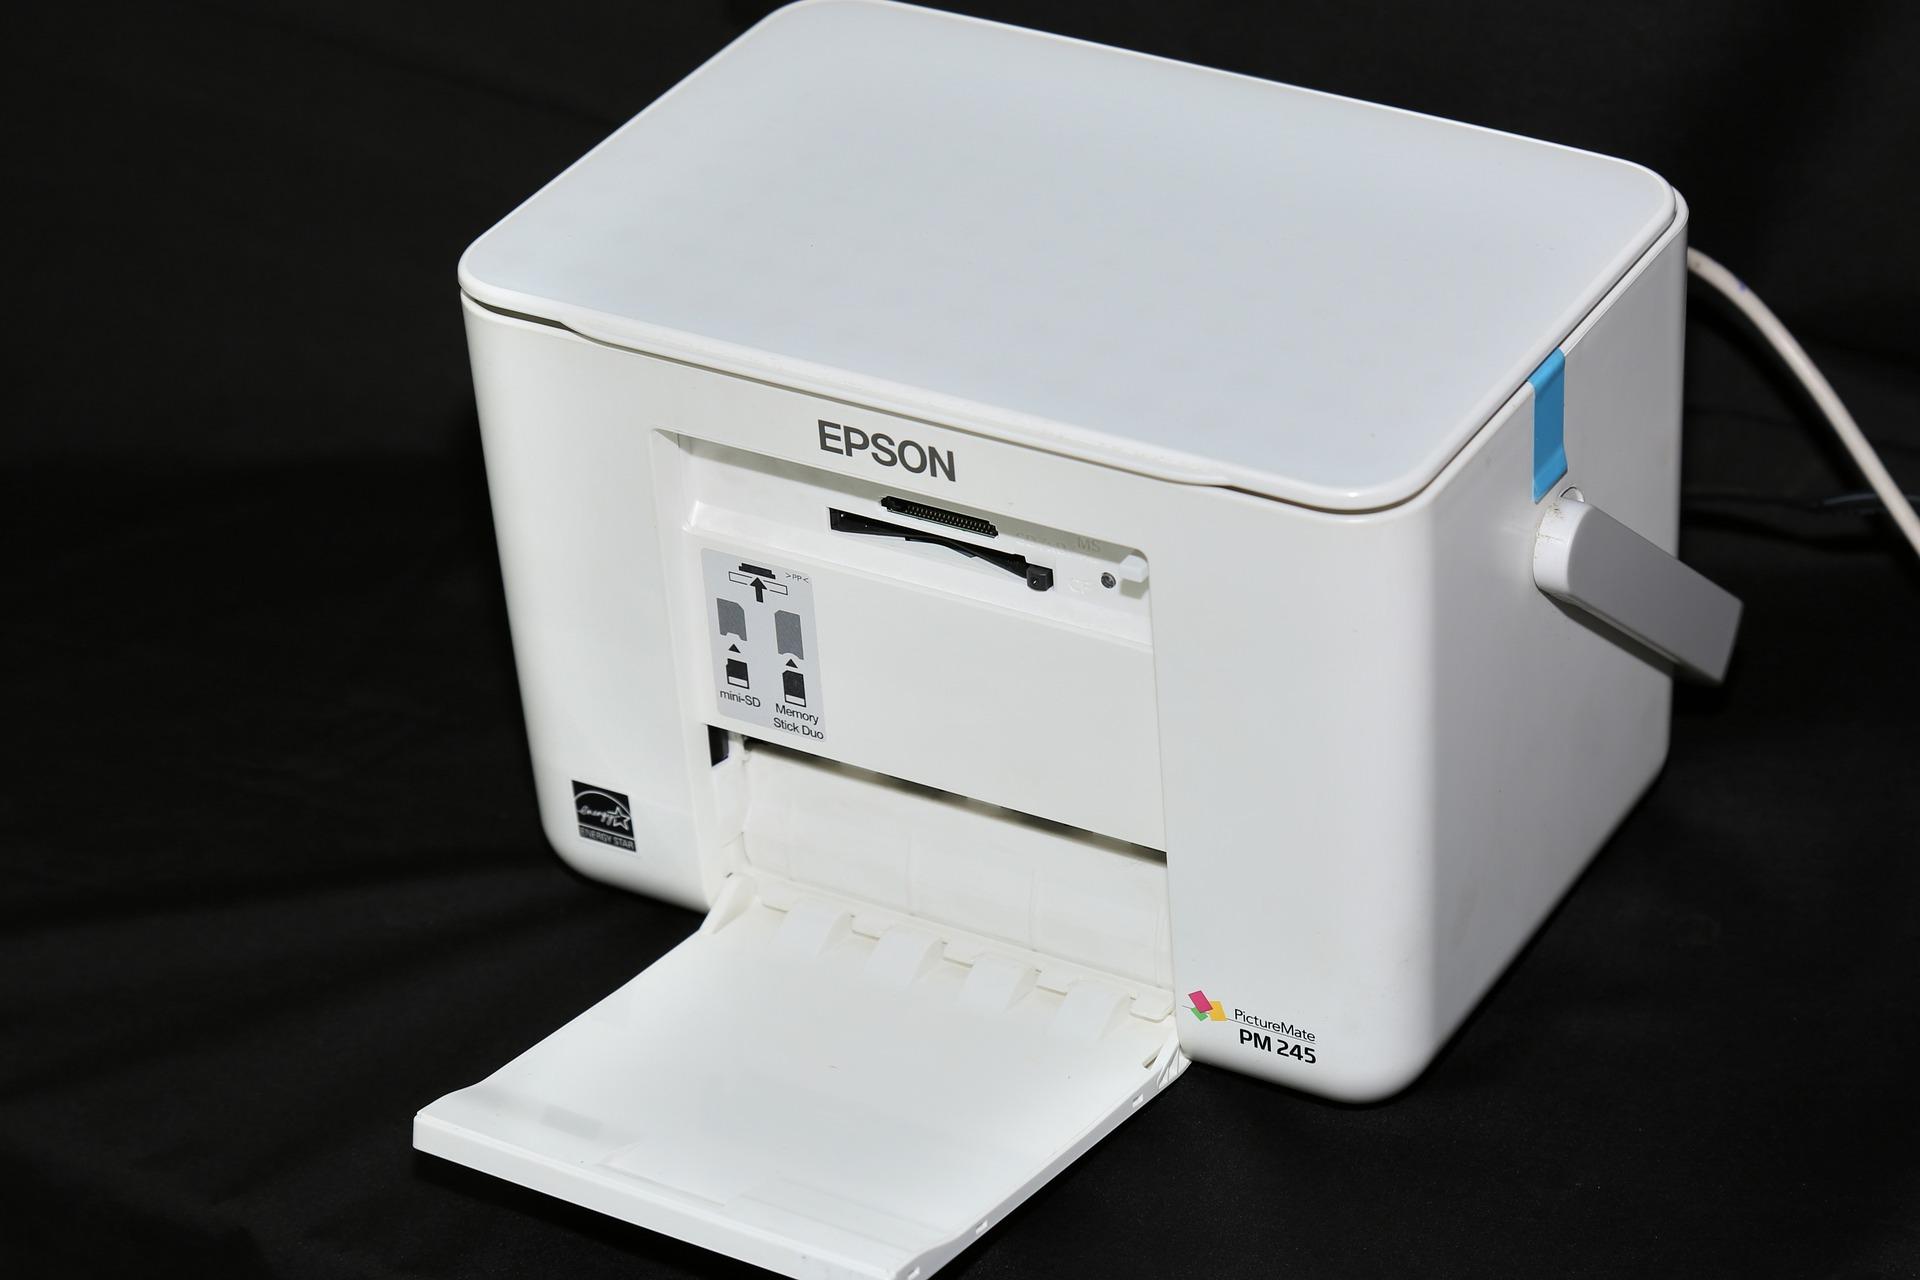 Imagem mostra uma impressora Epson.